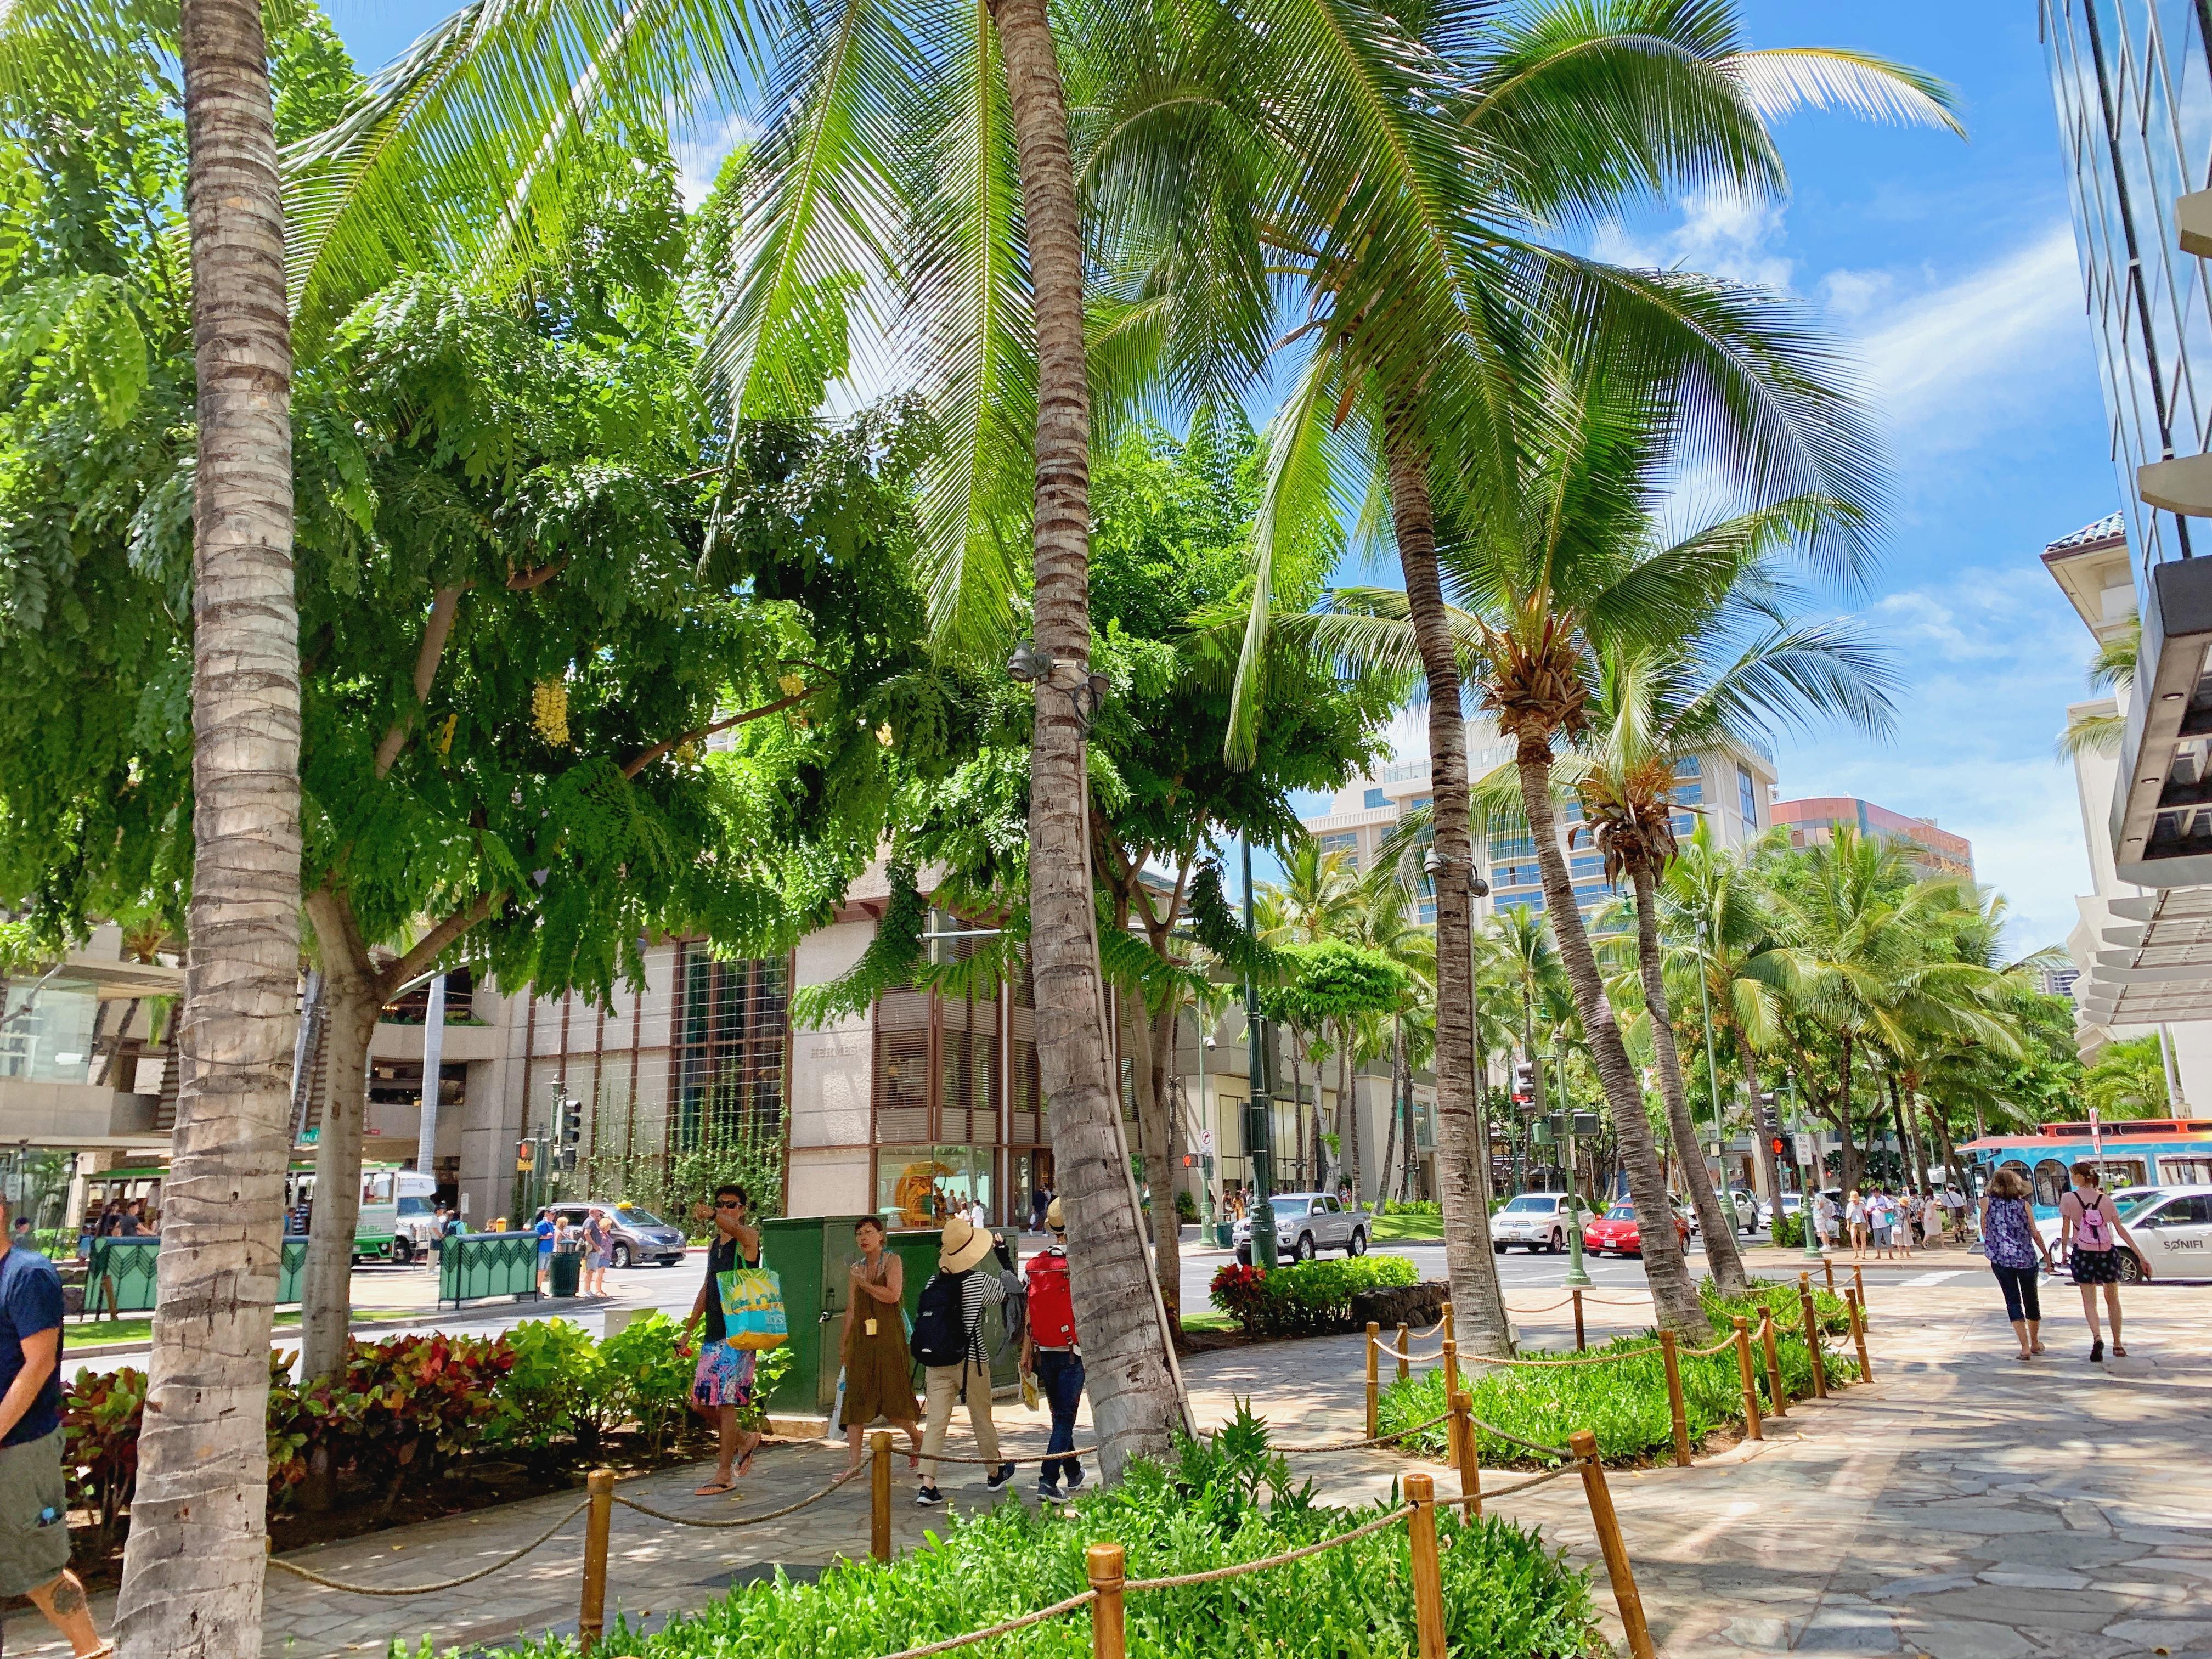 【ハワイコロナ情報】自宅待機推奨が6/30まで延長 今後の経済再開について